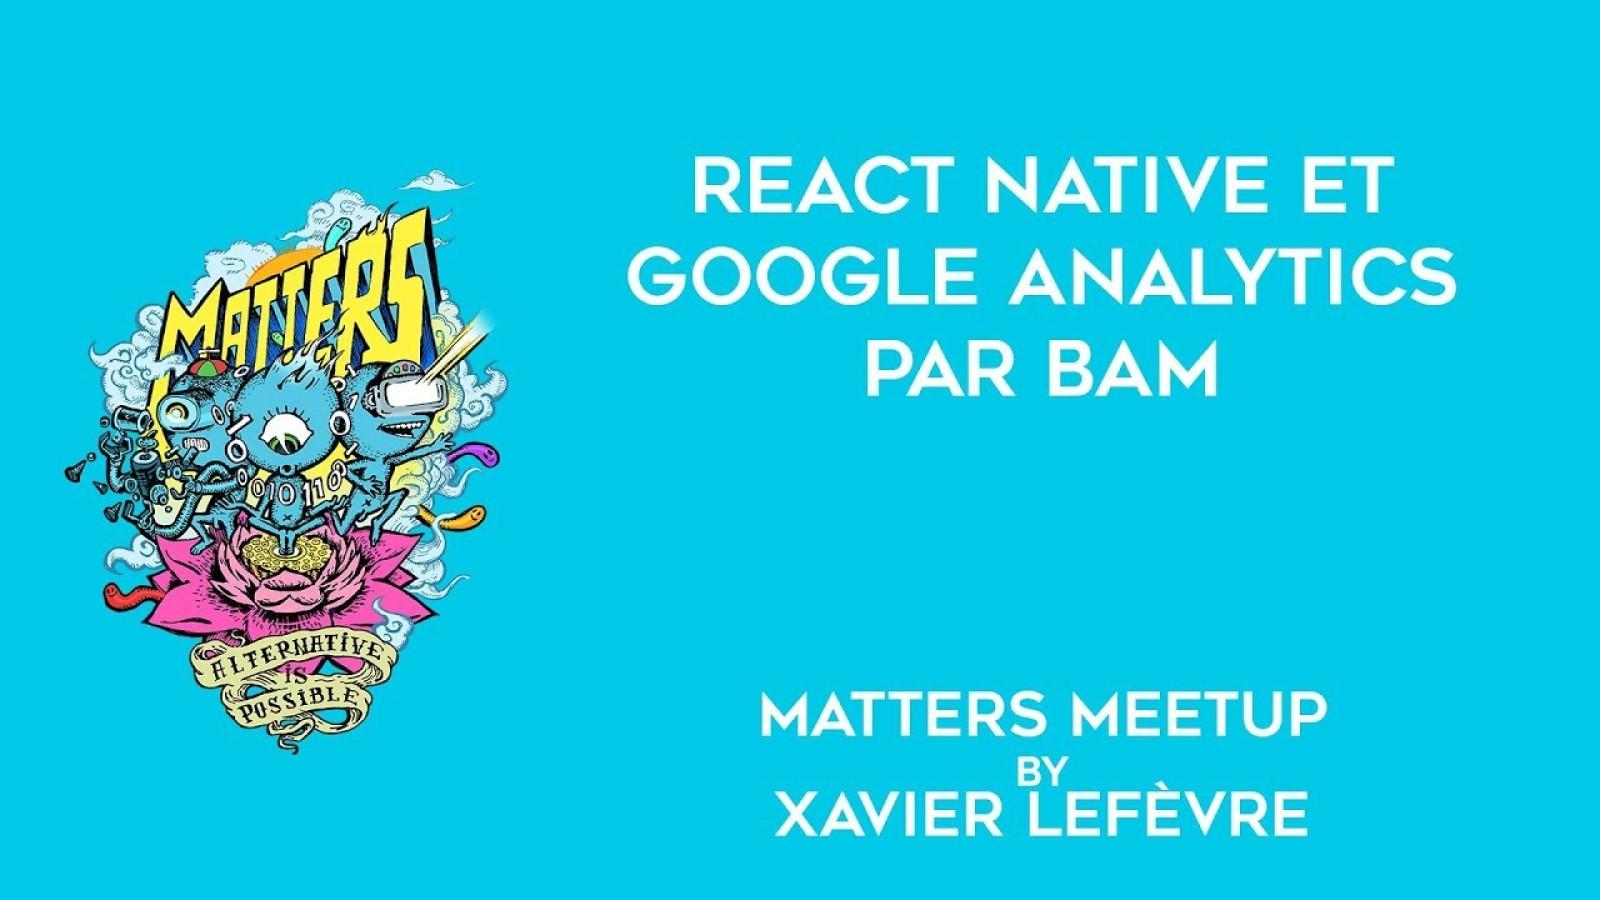 Pourquoi et comment utiliser Google Analytics dans un projet React Native